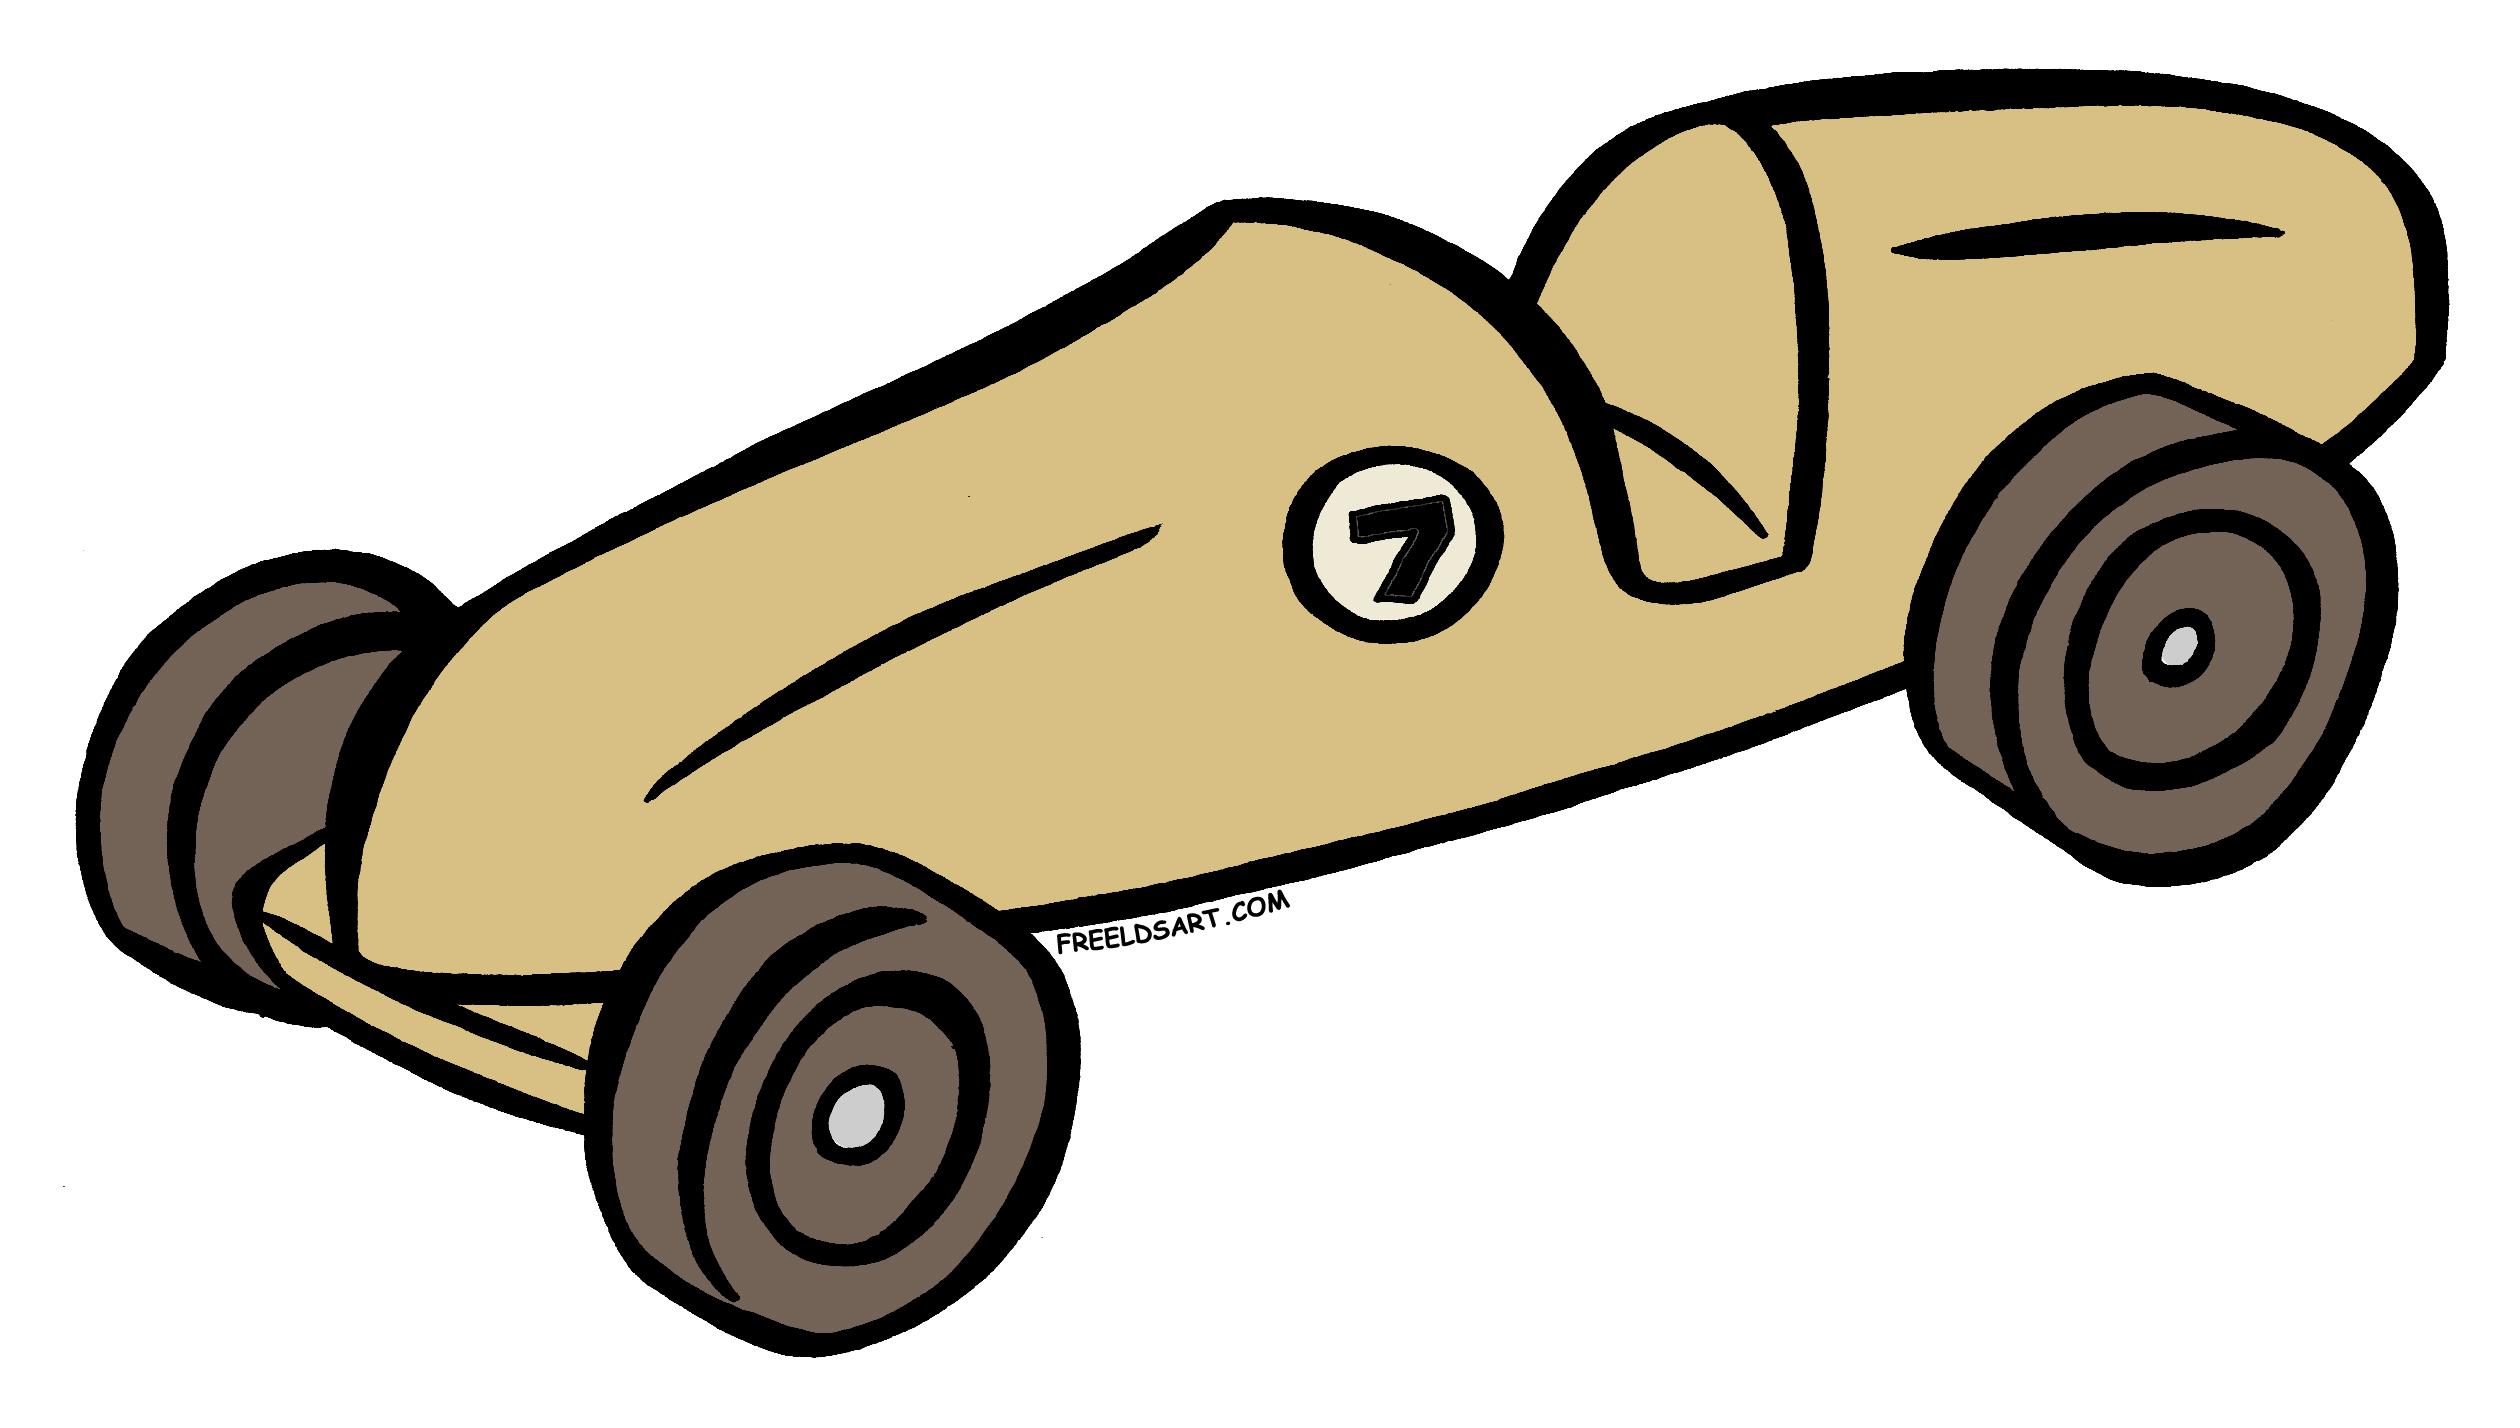 2520x1428 Clip Art Derby Car Clipart